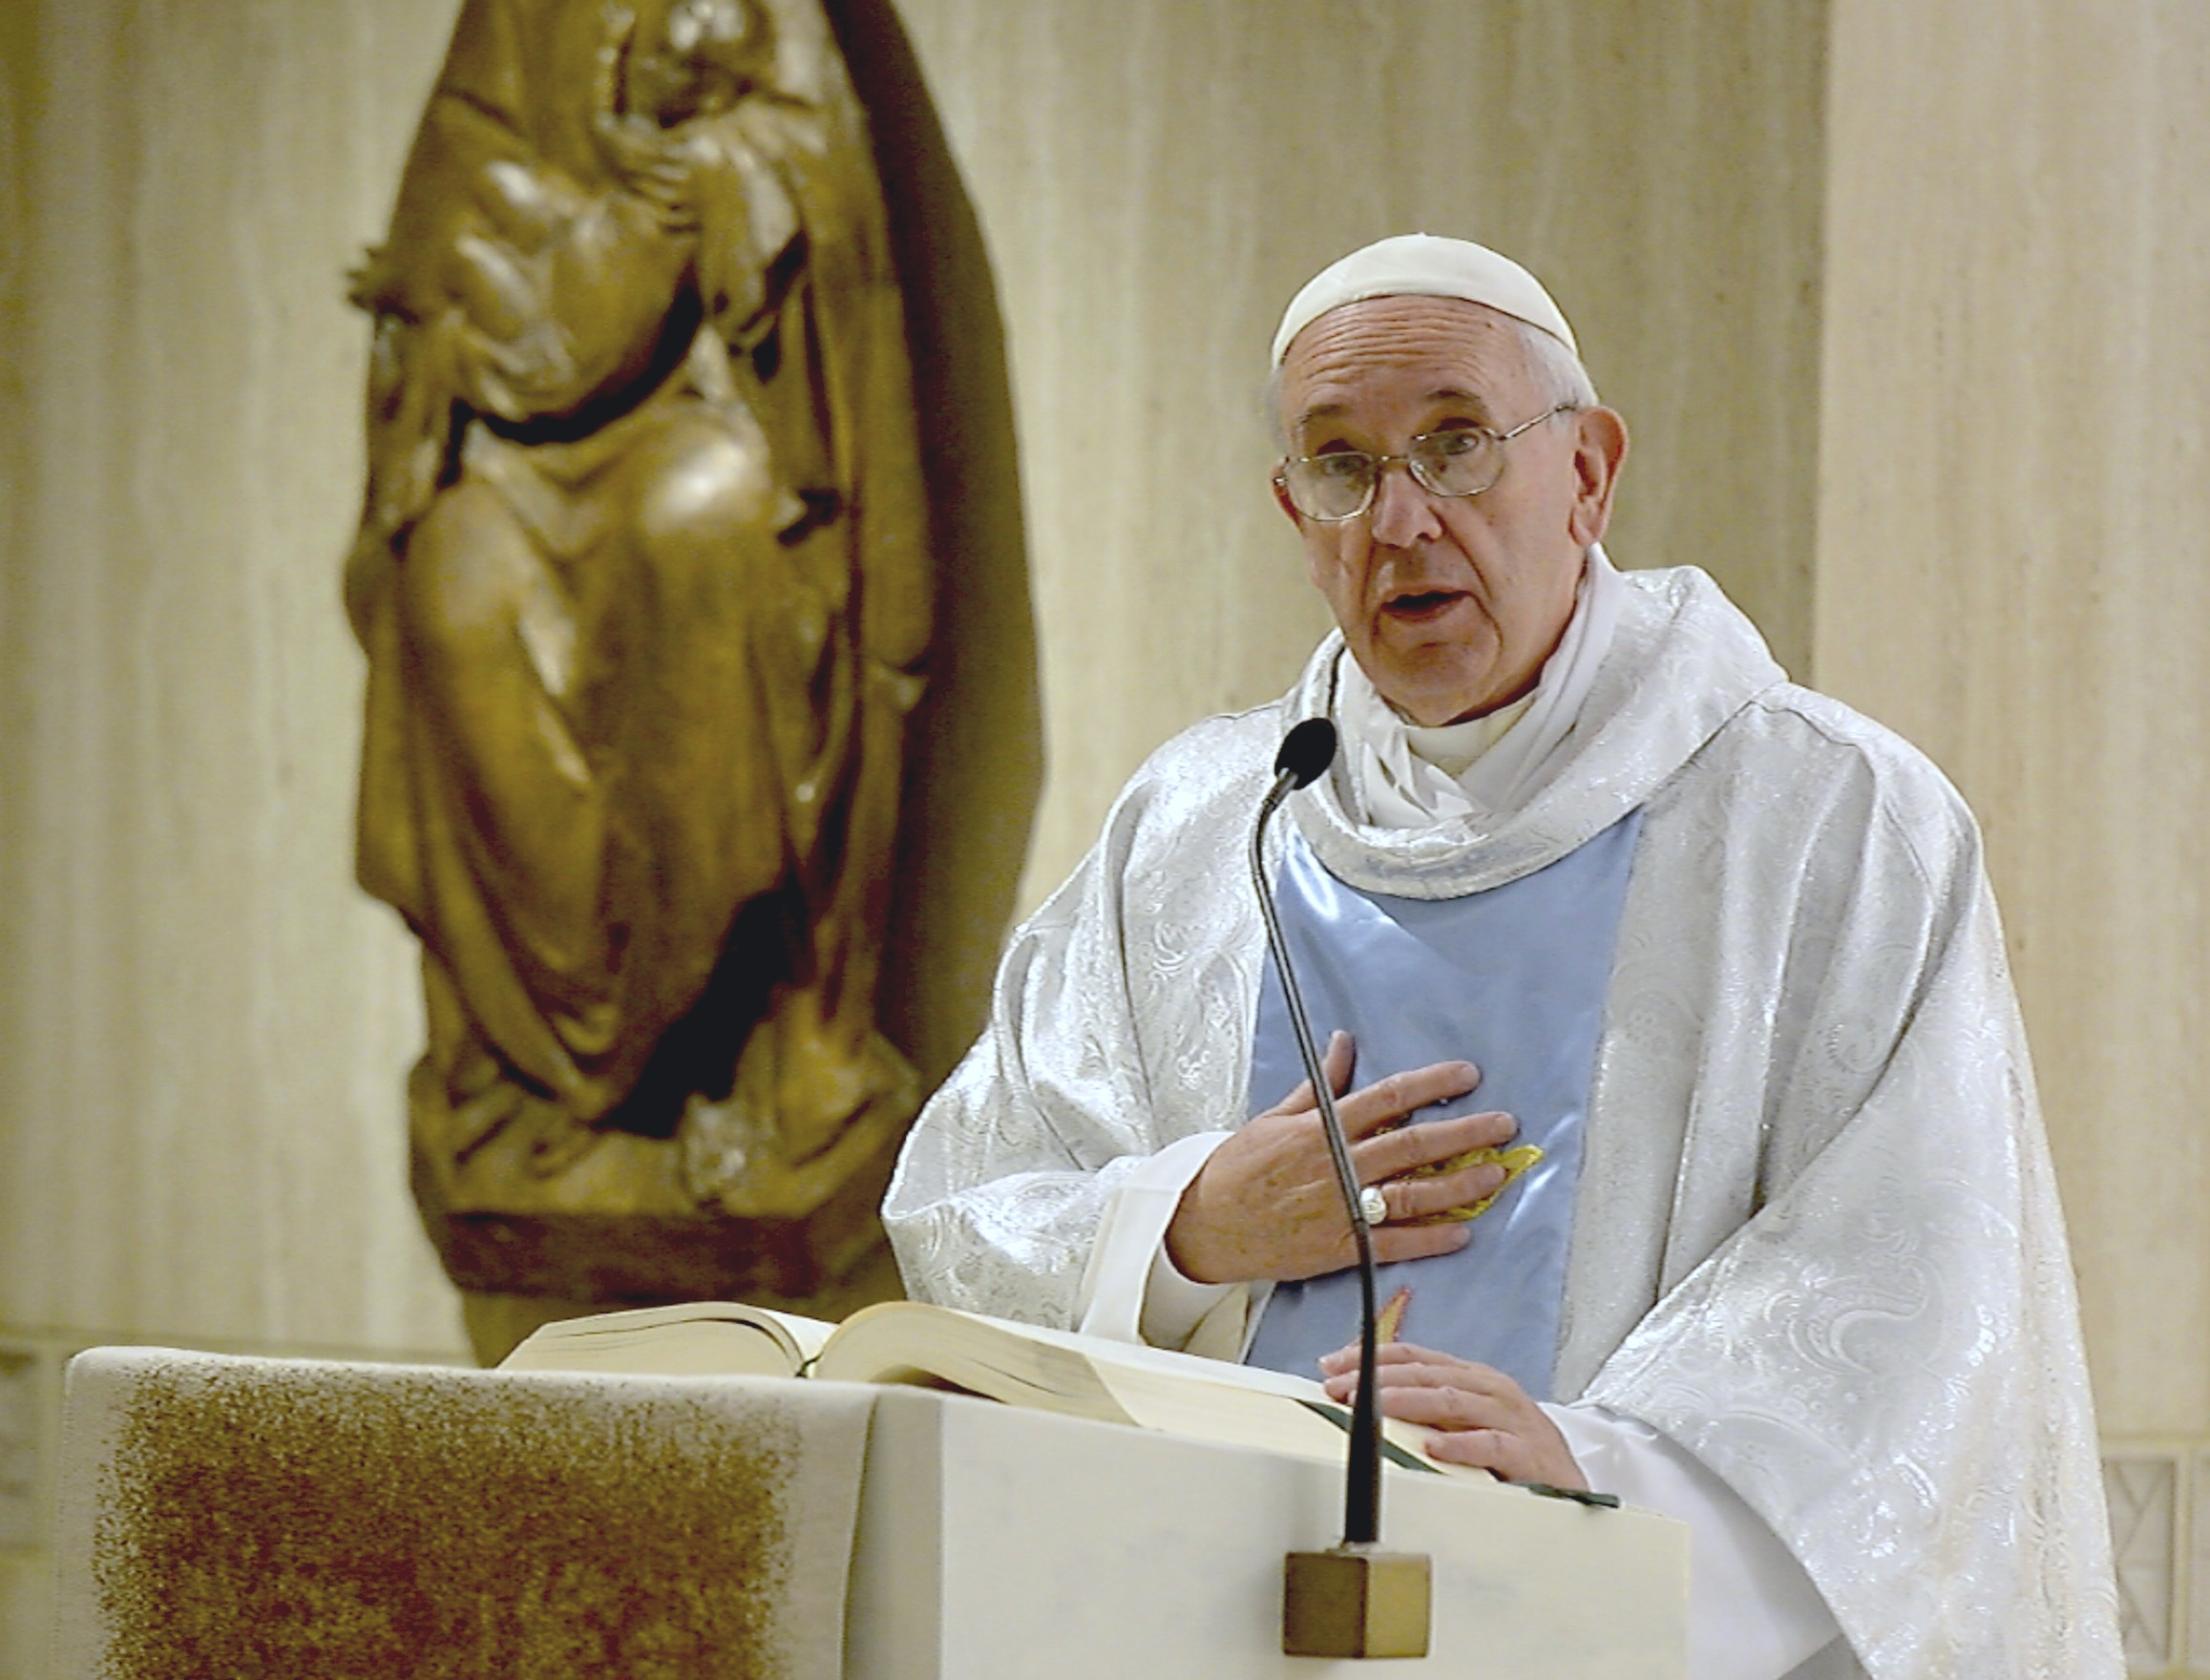 Pope Francis in Santa Marta - 8 September 2015